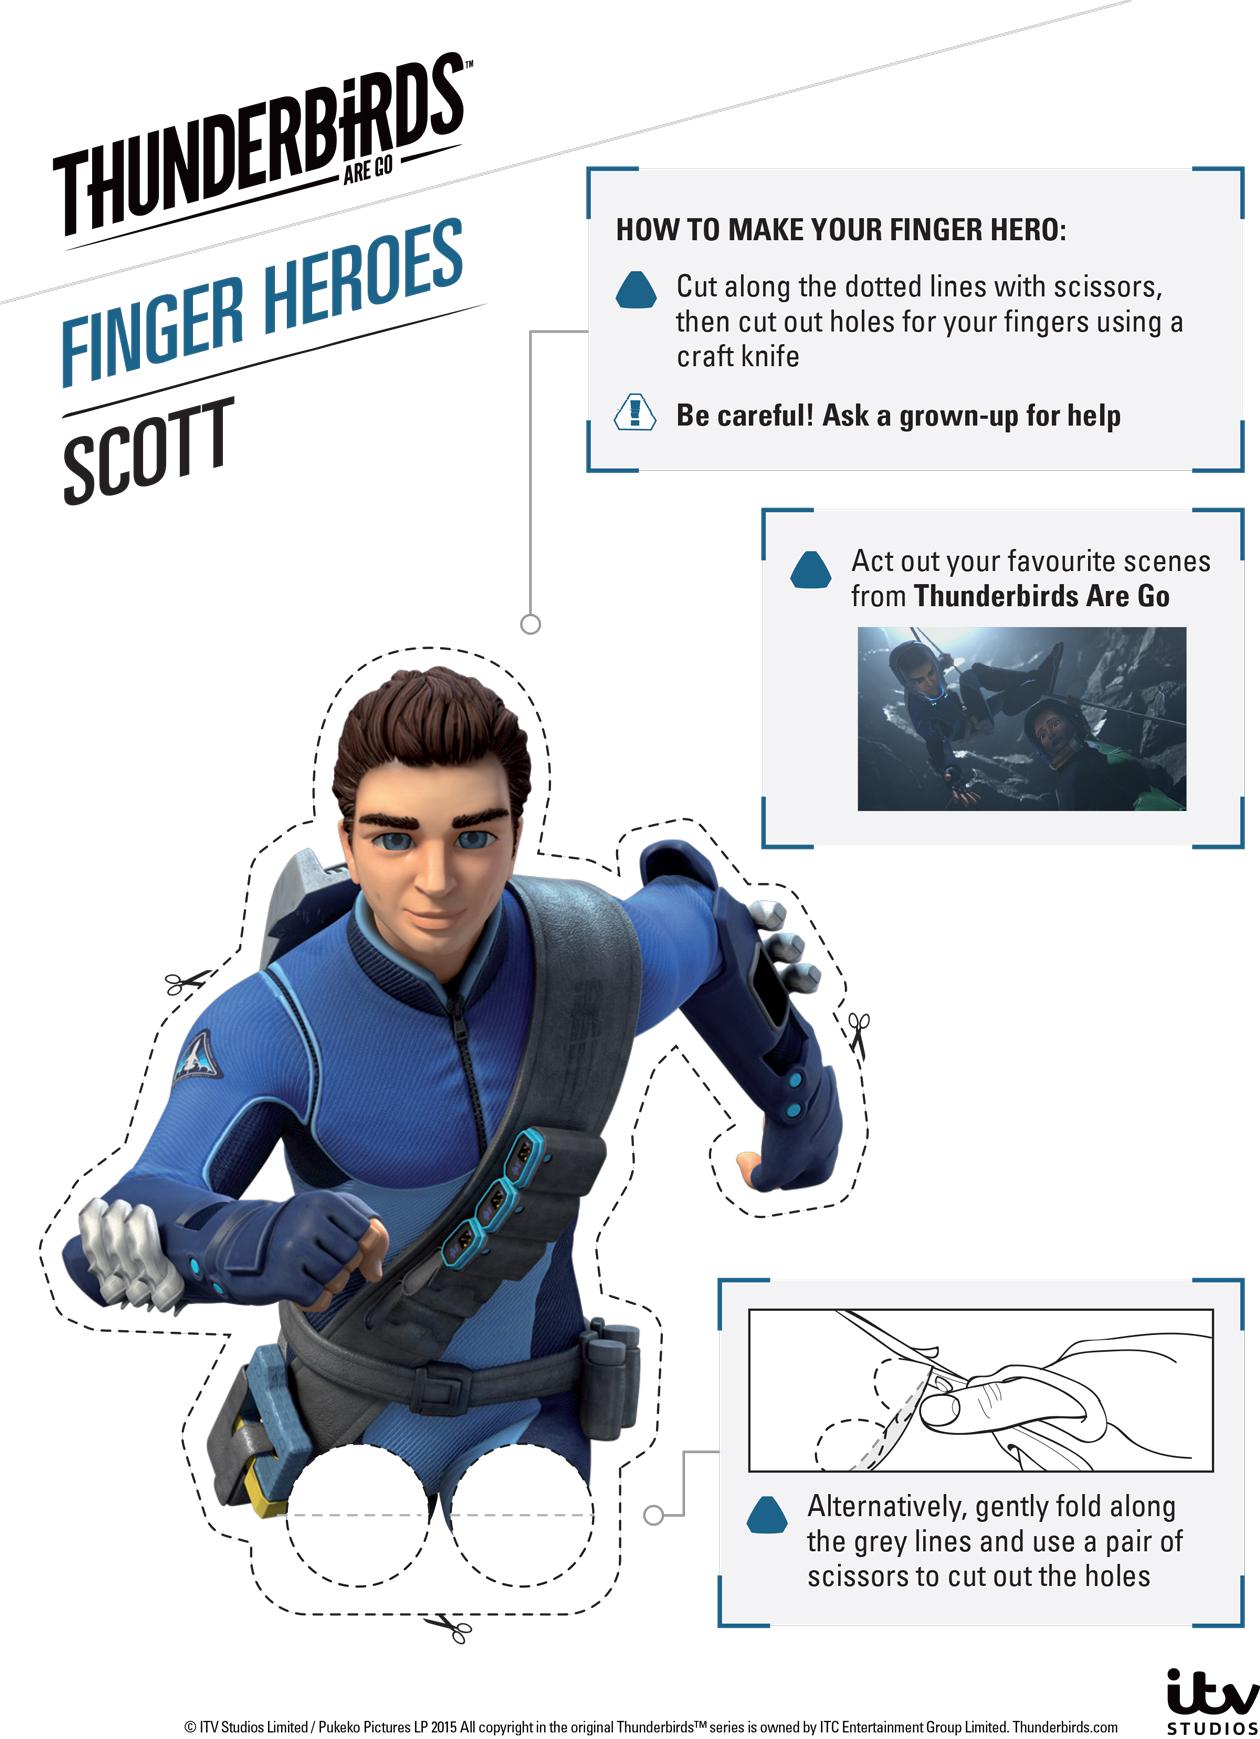 Tunderbird Scott